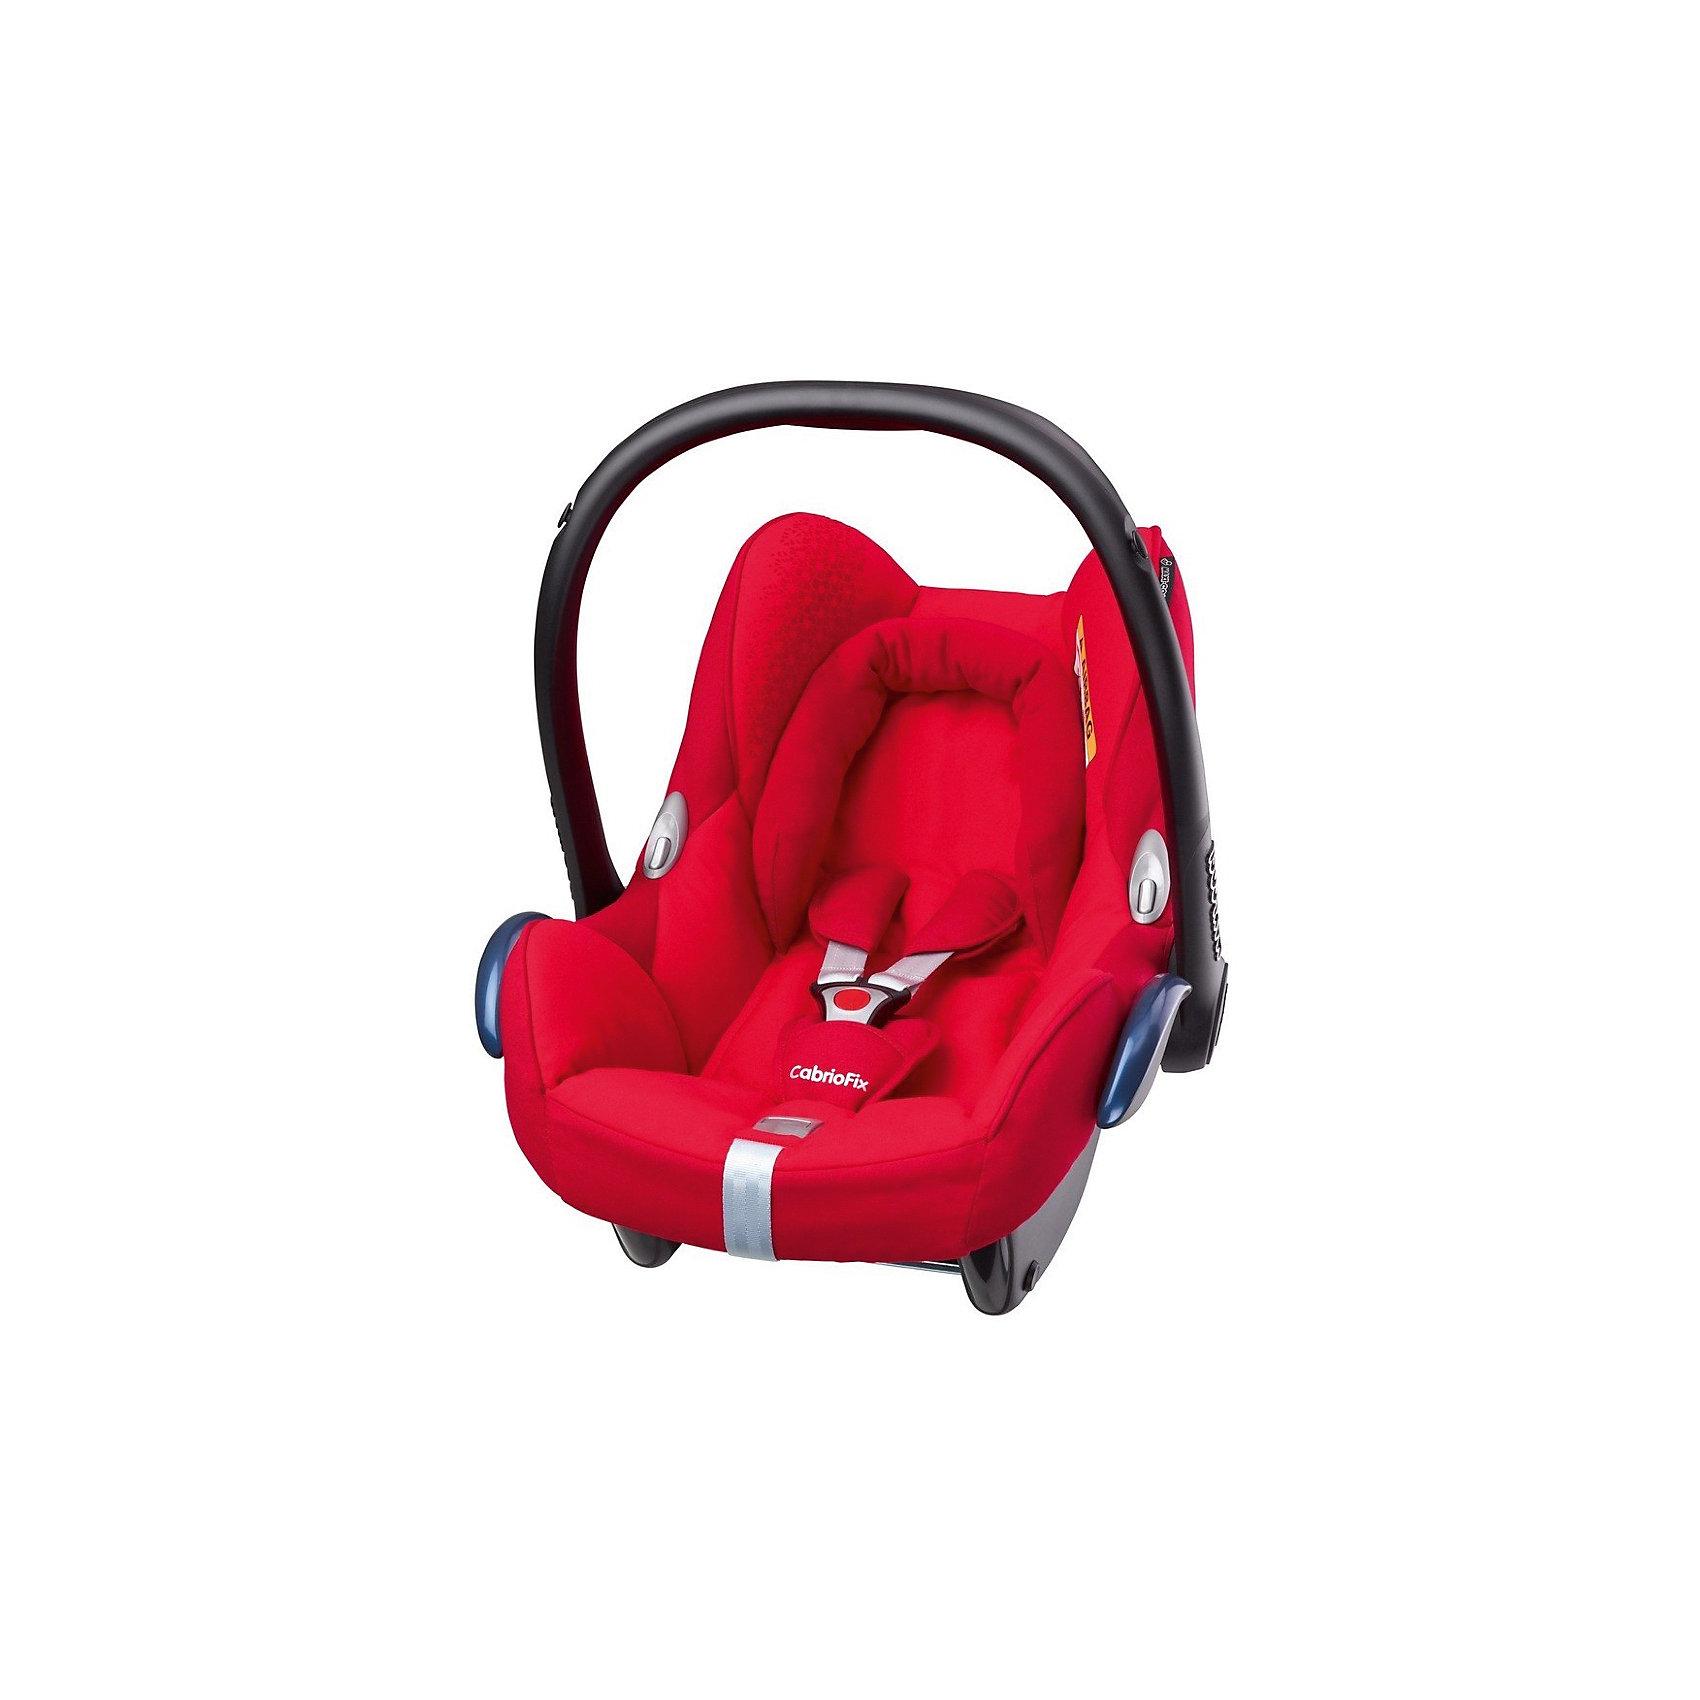 Автокресло CabrioFix 0-13 кг., Maxi-Cosi, Origami RedАвтокресло предназначено для перевозки новорожденных деток до 12 месяцев.<br>Кресло оборудовано трех точечными или статическими ремнями безопасности и его можно устанавливать на переднем сидении машины. Так же автокресло легко трансформируется в люльку для коляски, люльку-переноску или кресло-качалку. А для большего удобства в кресле имеется мягкая подушечка под спинку и  увеличенный подголовник, и регулятор глубины кресла, который регулируется в зависимости от веса малыша.<br><br>Особенности:<br>- Система защиты предохраняет от боковых ударов.<br>- В комплекте: козырек от солнца, мягкие подушечки для ремня и разъемов.<br>- Удобные крючки для ремней не мешают усаживать ребенка в автокресло.<br>- Эргономическая ручка облегчает переноску сиденья.<br>- Регулируемая длина ремня.<br>- Ручка регулируется пусковой кнопкой.<br>- Есть отсек для ручной клади.<br>- Съемный чехол можно стирать (имеются в продаже запасные чехлы).<br><br>Дополнительная информация:<br><br>- Возраст: с рождения до 12 месяцев. ( от 0 до 13 кг.)<br>- Цвет: Origami Red.<br>- Максимальная ширина внутри сиденья по бедрам: 29 см.<br>- Ширина сиденья по голове: 23 см.<br>- Минимальная ширина внутри сиденья (по верху головы): 14 см.<br>- Максимальная глубина внутри сиденья: 31 см.<br>- Длина спинки (внутри): 50 см.<br>- Высота (с поднятой рукой): 57 см.<br>- Общая длина: 70 см.<br>- Ширина снаружи: 44 см.<br>- Общий вес: 3.25 кг.<br><br>Купить автокресло CabrioFix (0-13 кг.) в цвете Origami Red, можно в нашем магазине.<br><br>Ширина мм: 445<br>Глубина мм: 375<br>Высота мм: 725<br>Вес г: 3300<br>Возраст от месяцев: 0<br>Возраст до месяцев: 12<br>Пол: Унисекс<br>Возраст: Детский<br>SKU: 4975081